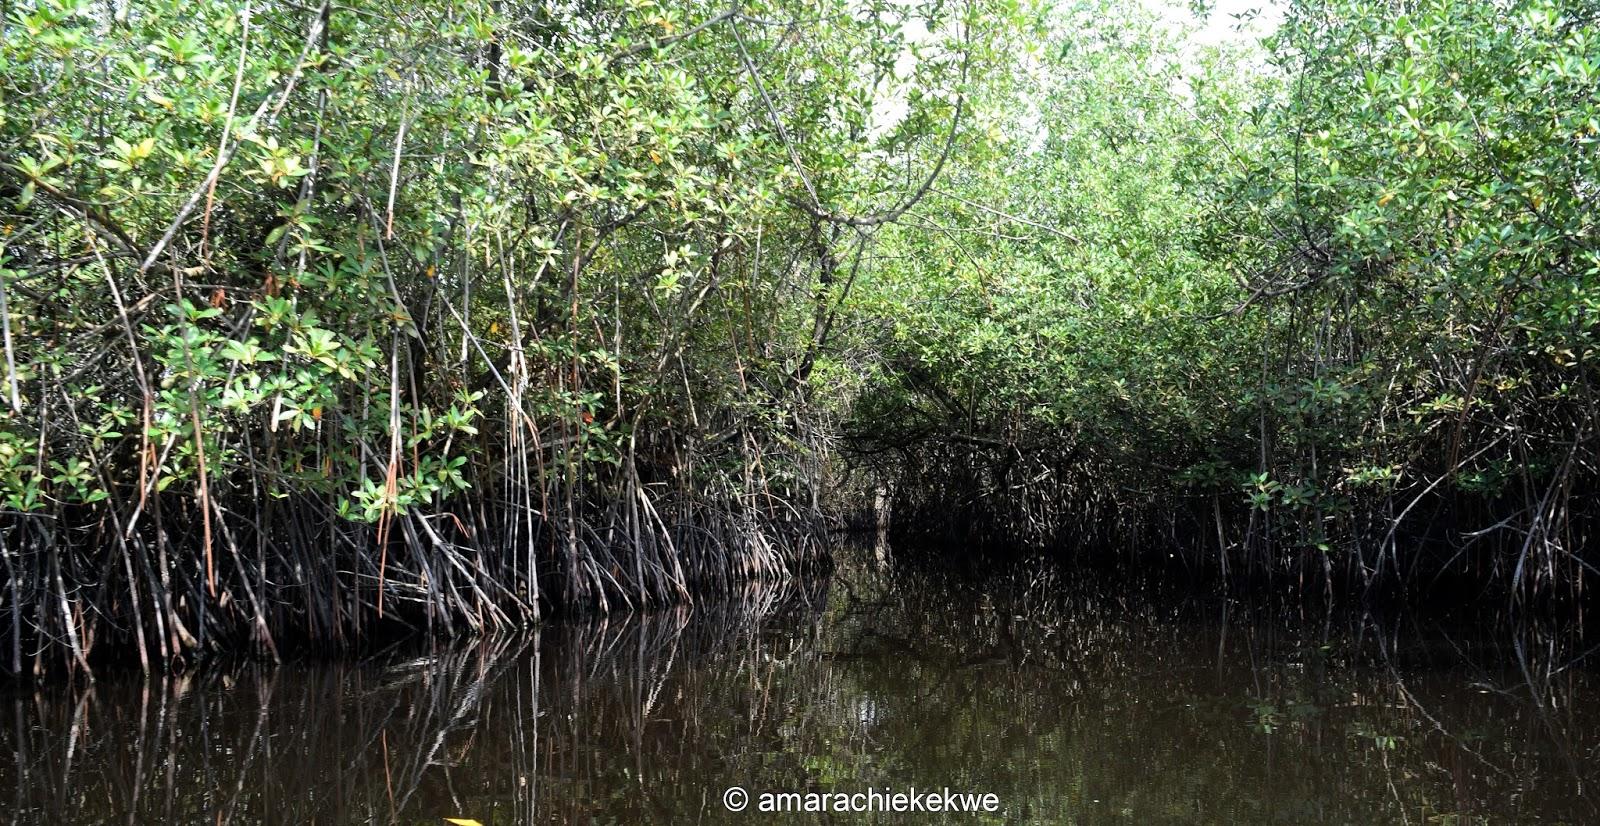 https://i1.wp.com/2.bp.blogspot.com/-Tw8SI6lkz8c/WDQkDr85p9I/AAAAAAAAWqg/q5o7AvkKxXgWU79i1KU5E3lpERHEUa2rQCLcB/s1600/mangrove.jpg?resize=750%2C387&ssl=1